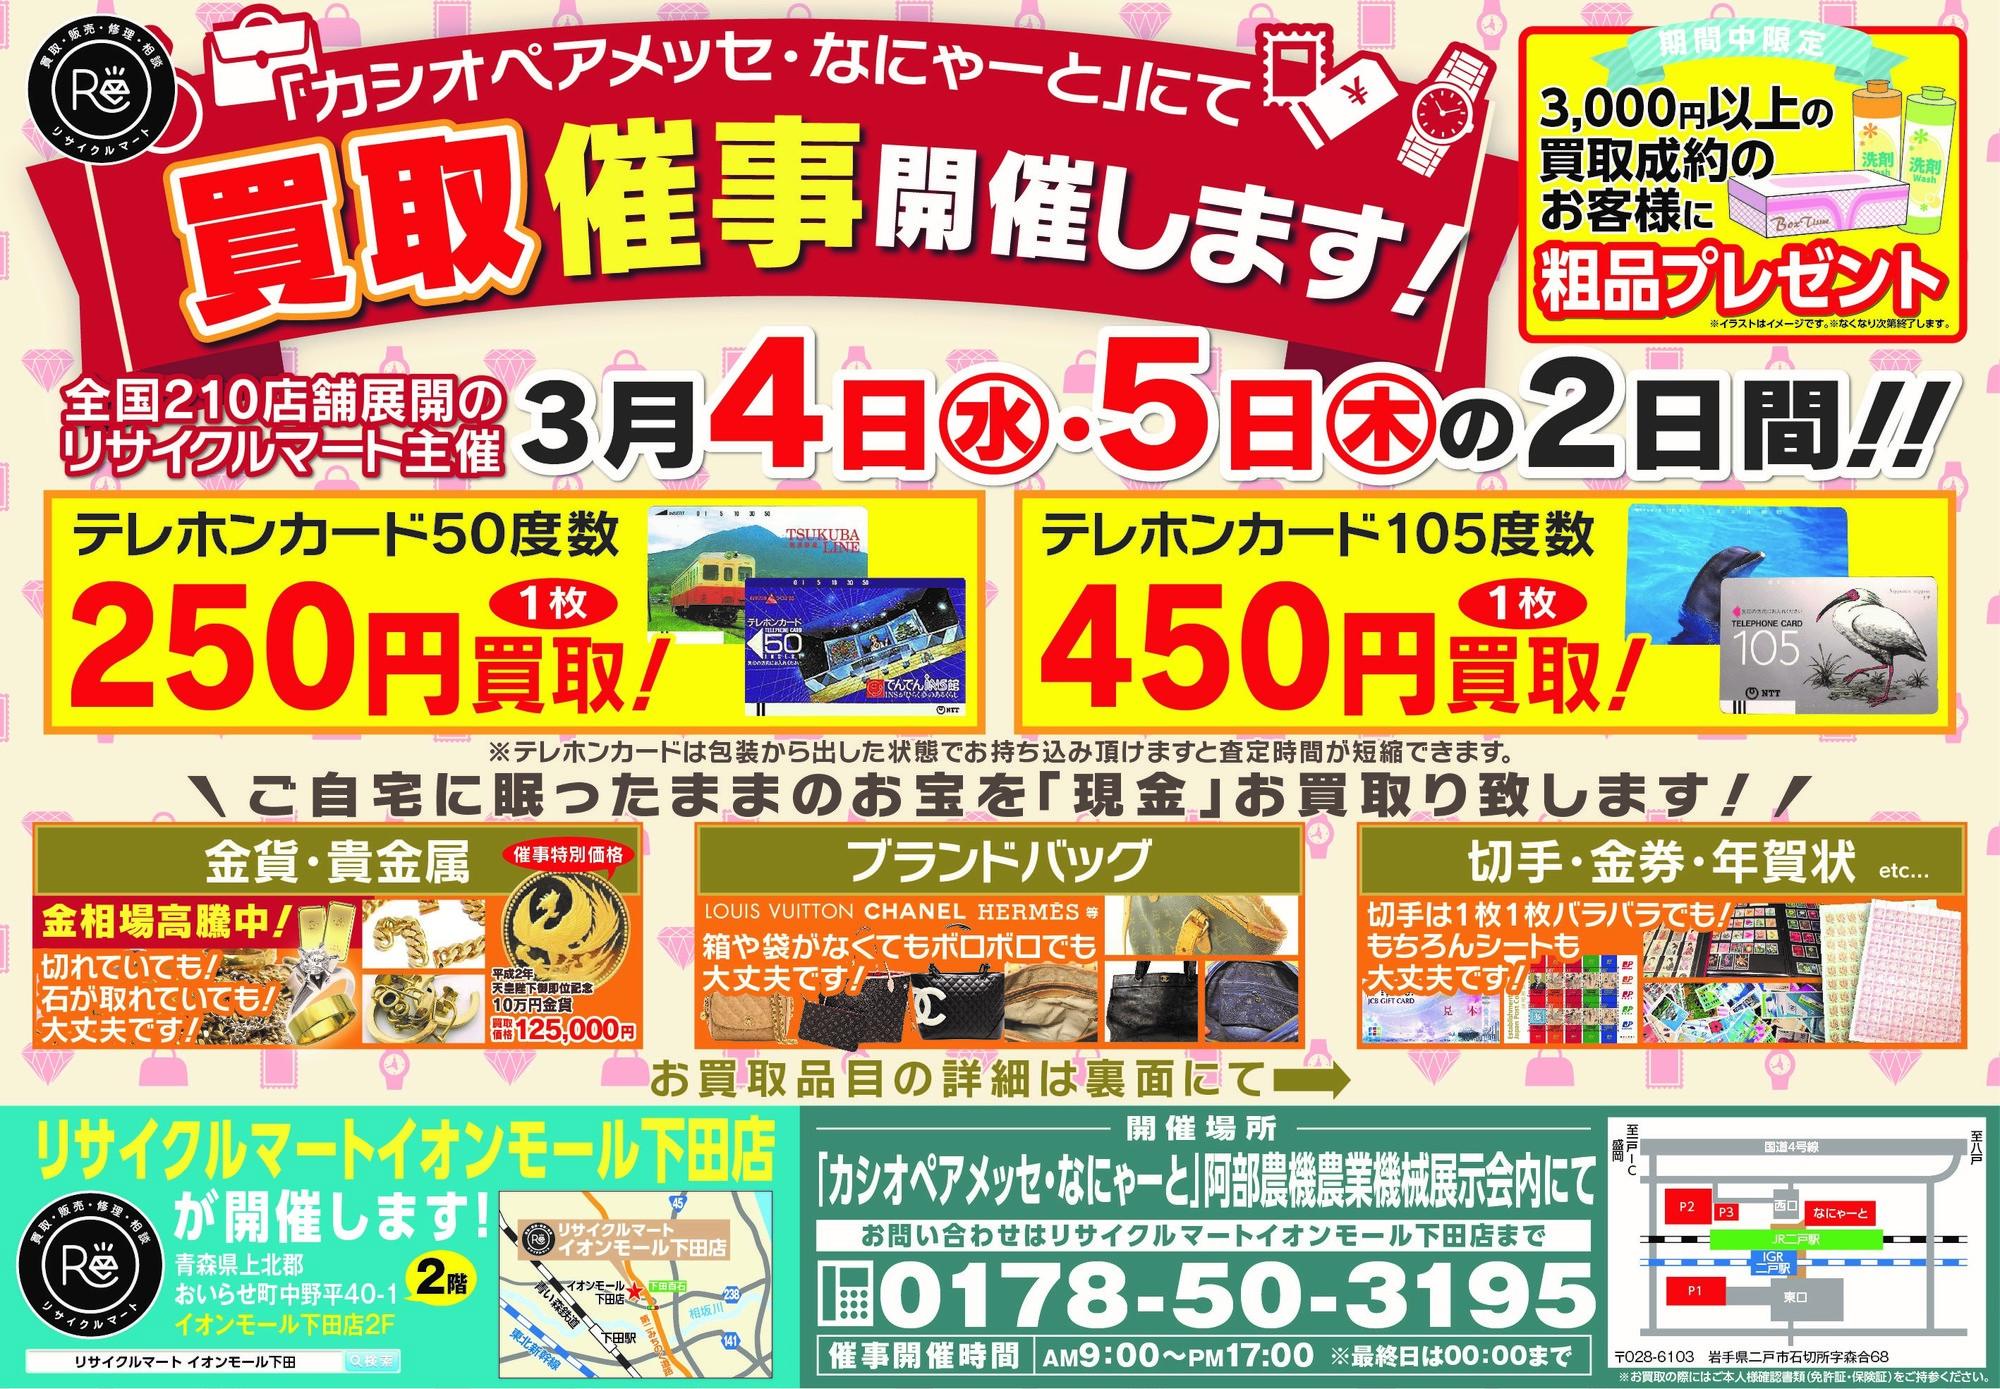 3月展示会オモテ.jpg